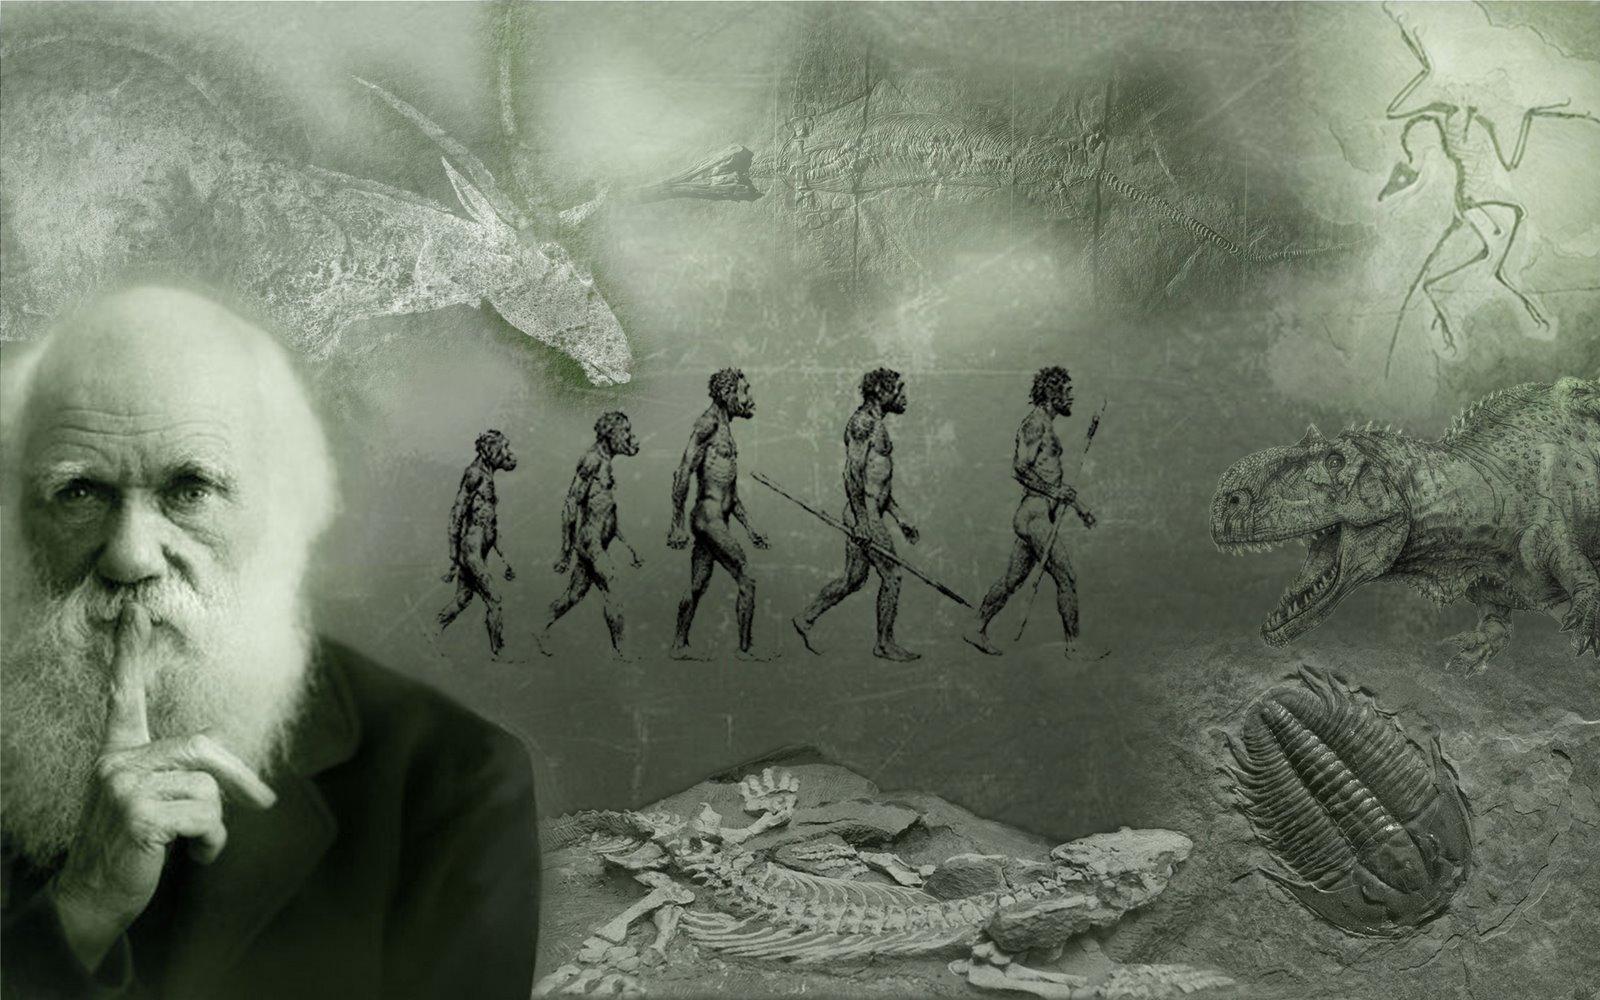 من هو تشارلز داروين صاحب نظرية التطور.ز وما هي نظرية التطور